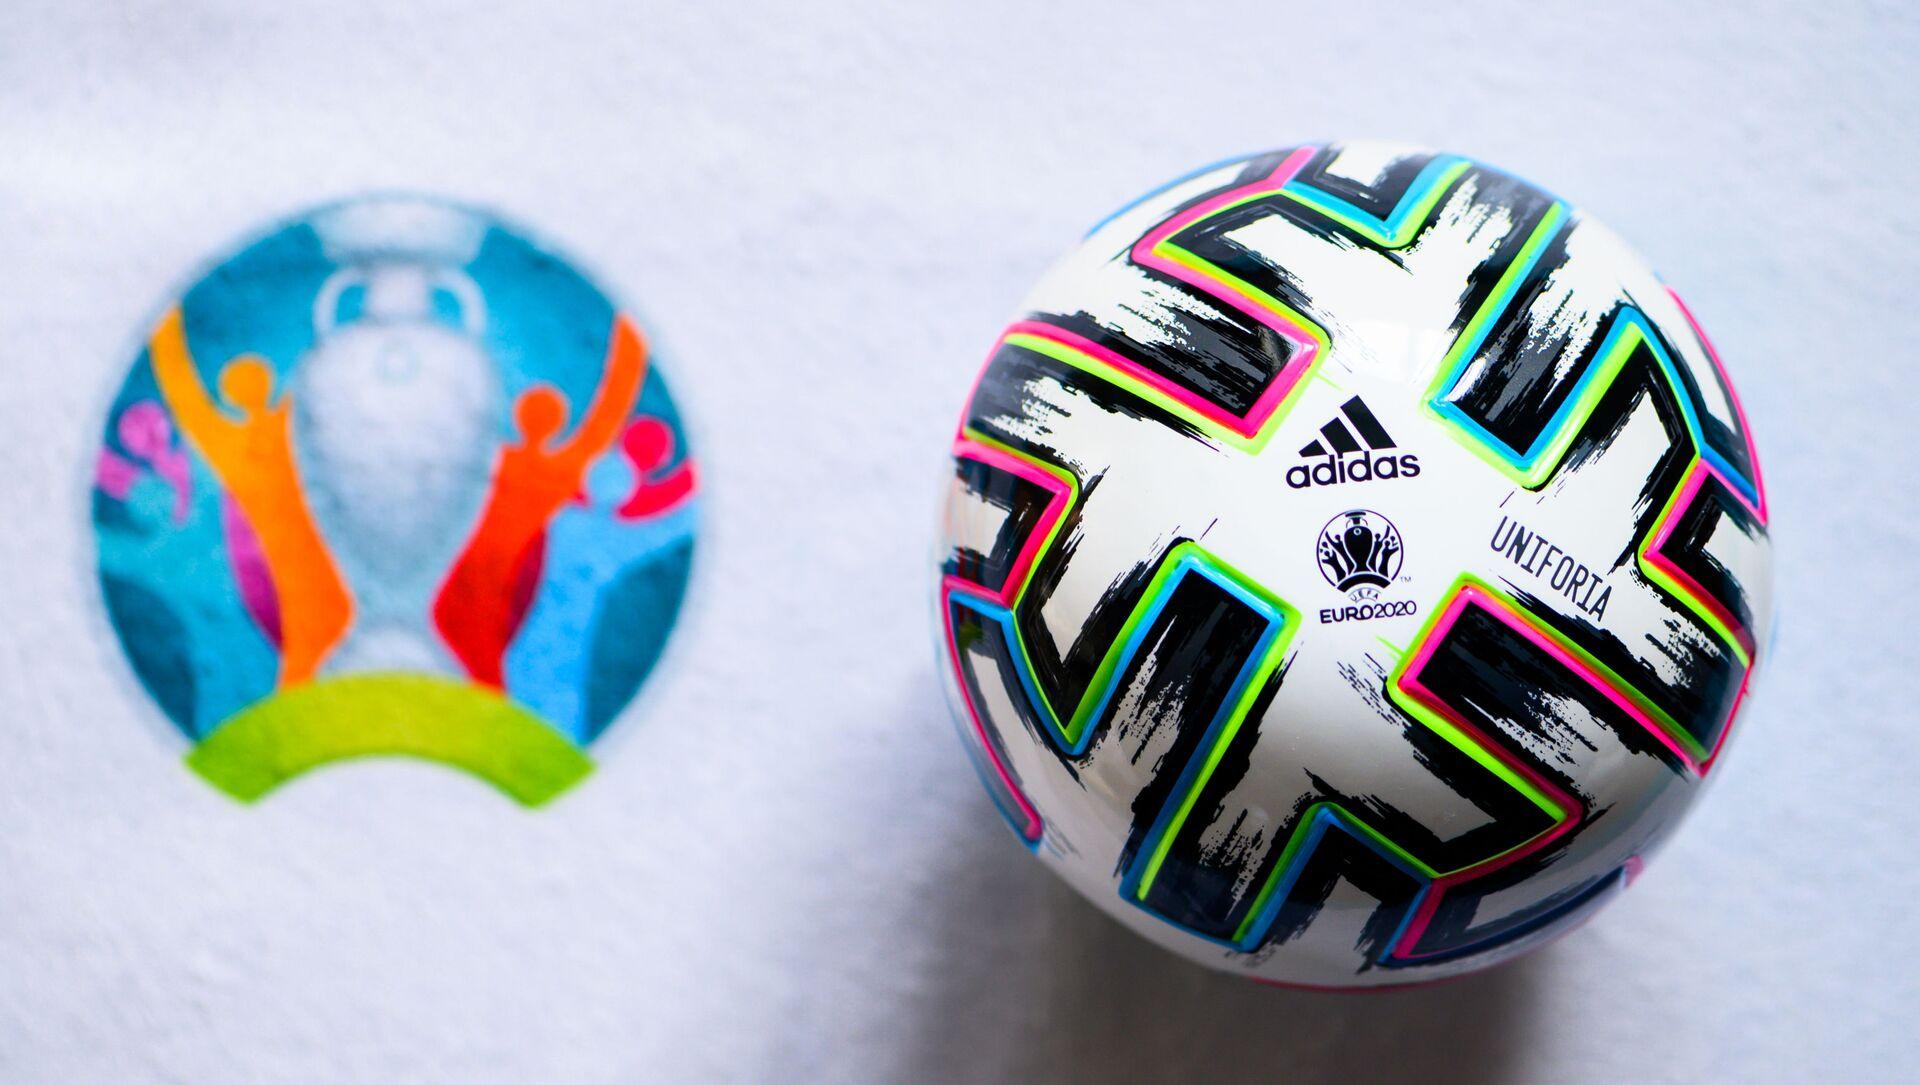 Quả bóng vô địch bóng đá châu Âu UEFA EURO 2020. - Sputnik Việt Nam, 1920, 09.06.2021